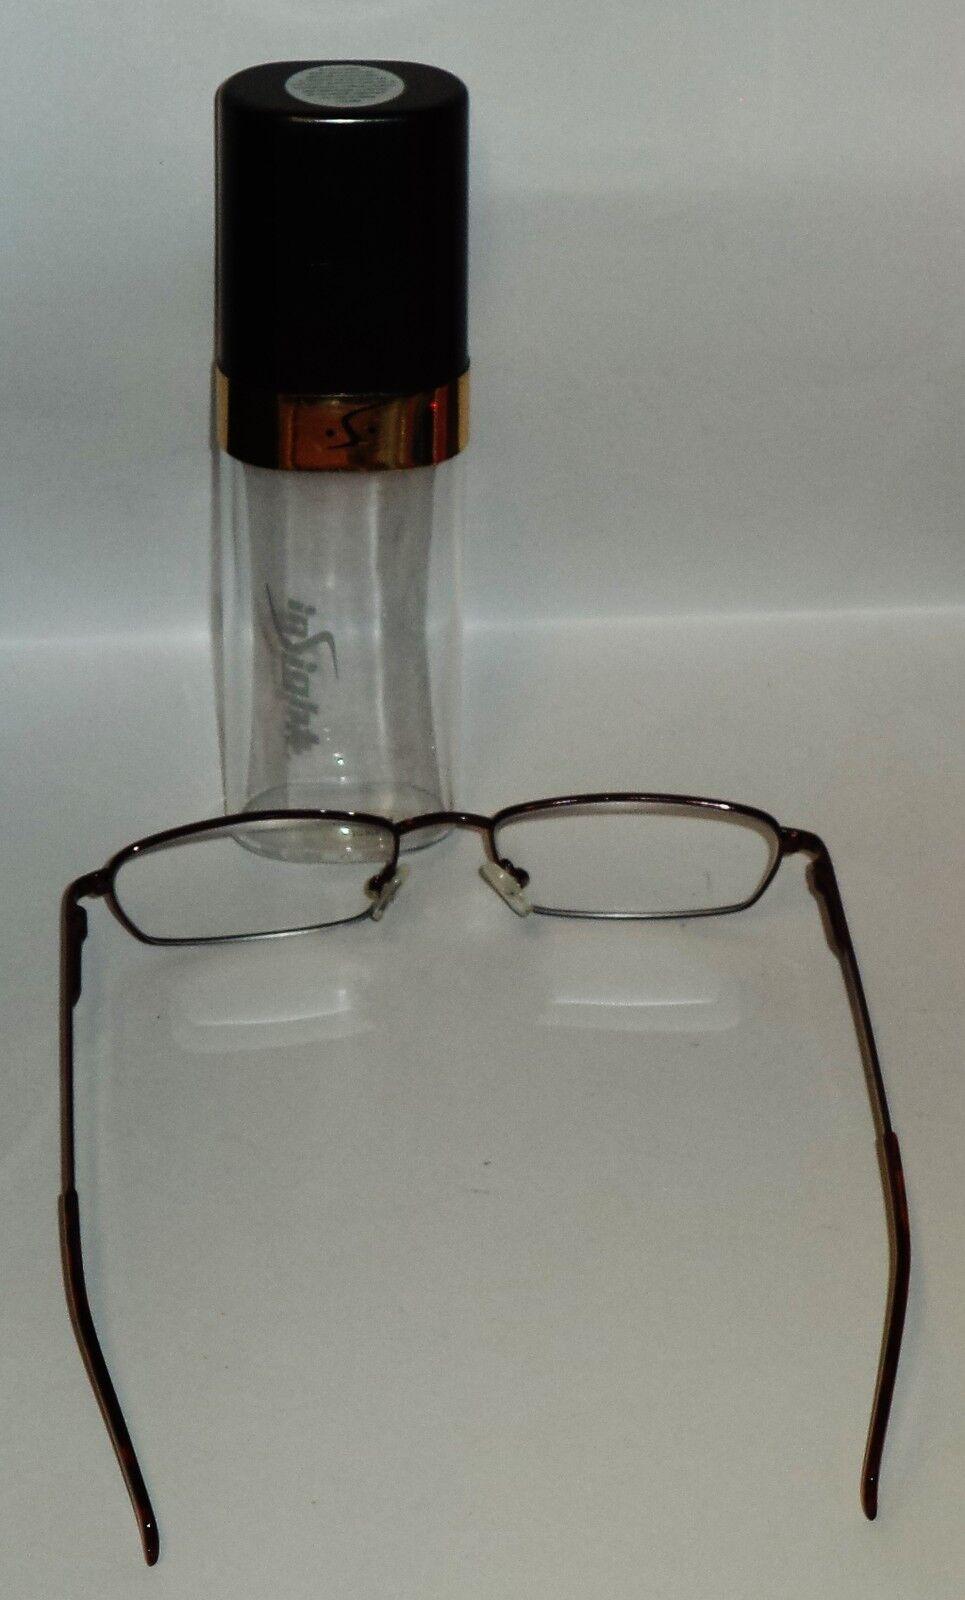 9d6dff3d27 Insight gafas de lectura con estilo Rubí metal monturas & uso Fácil ...